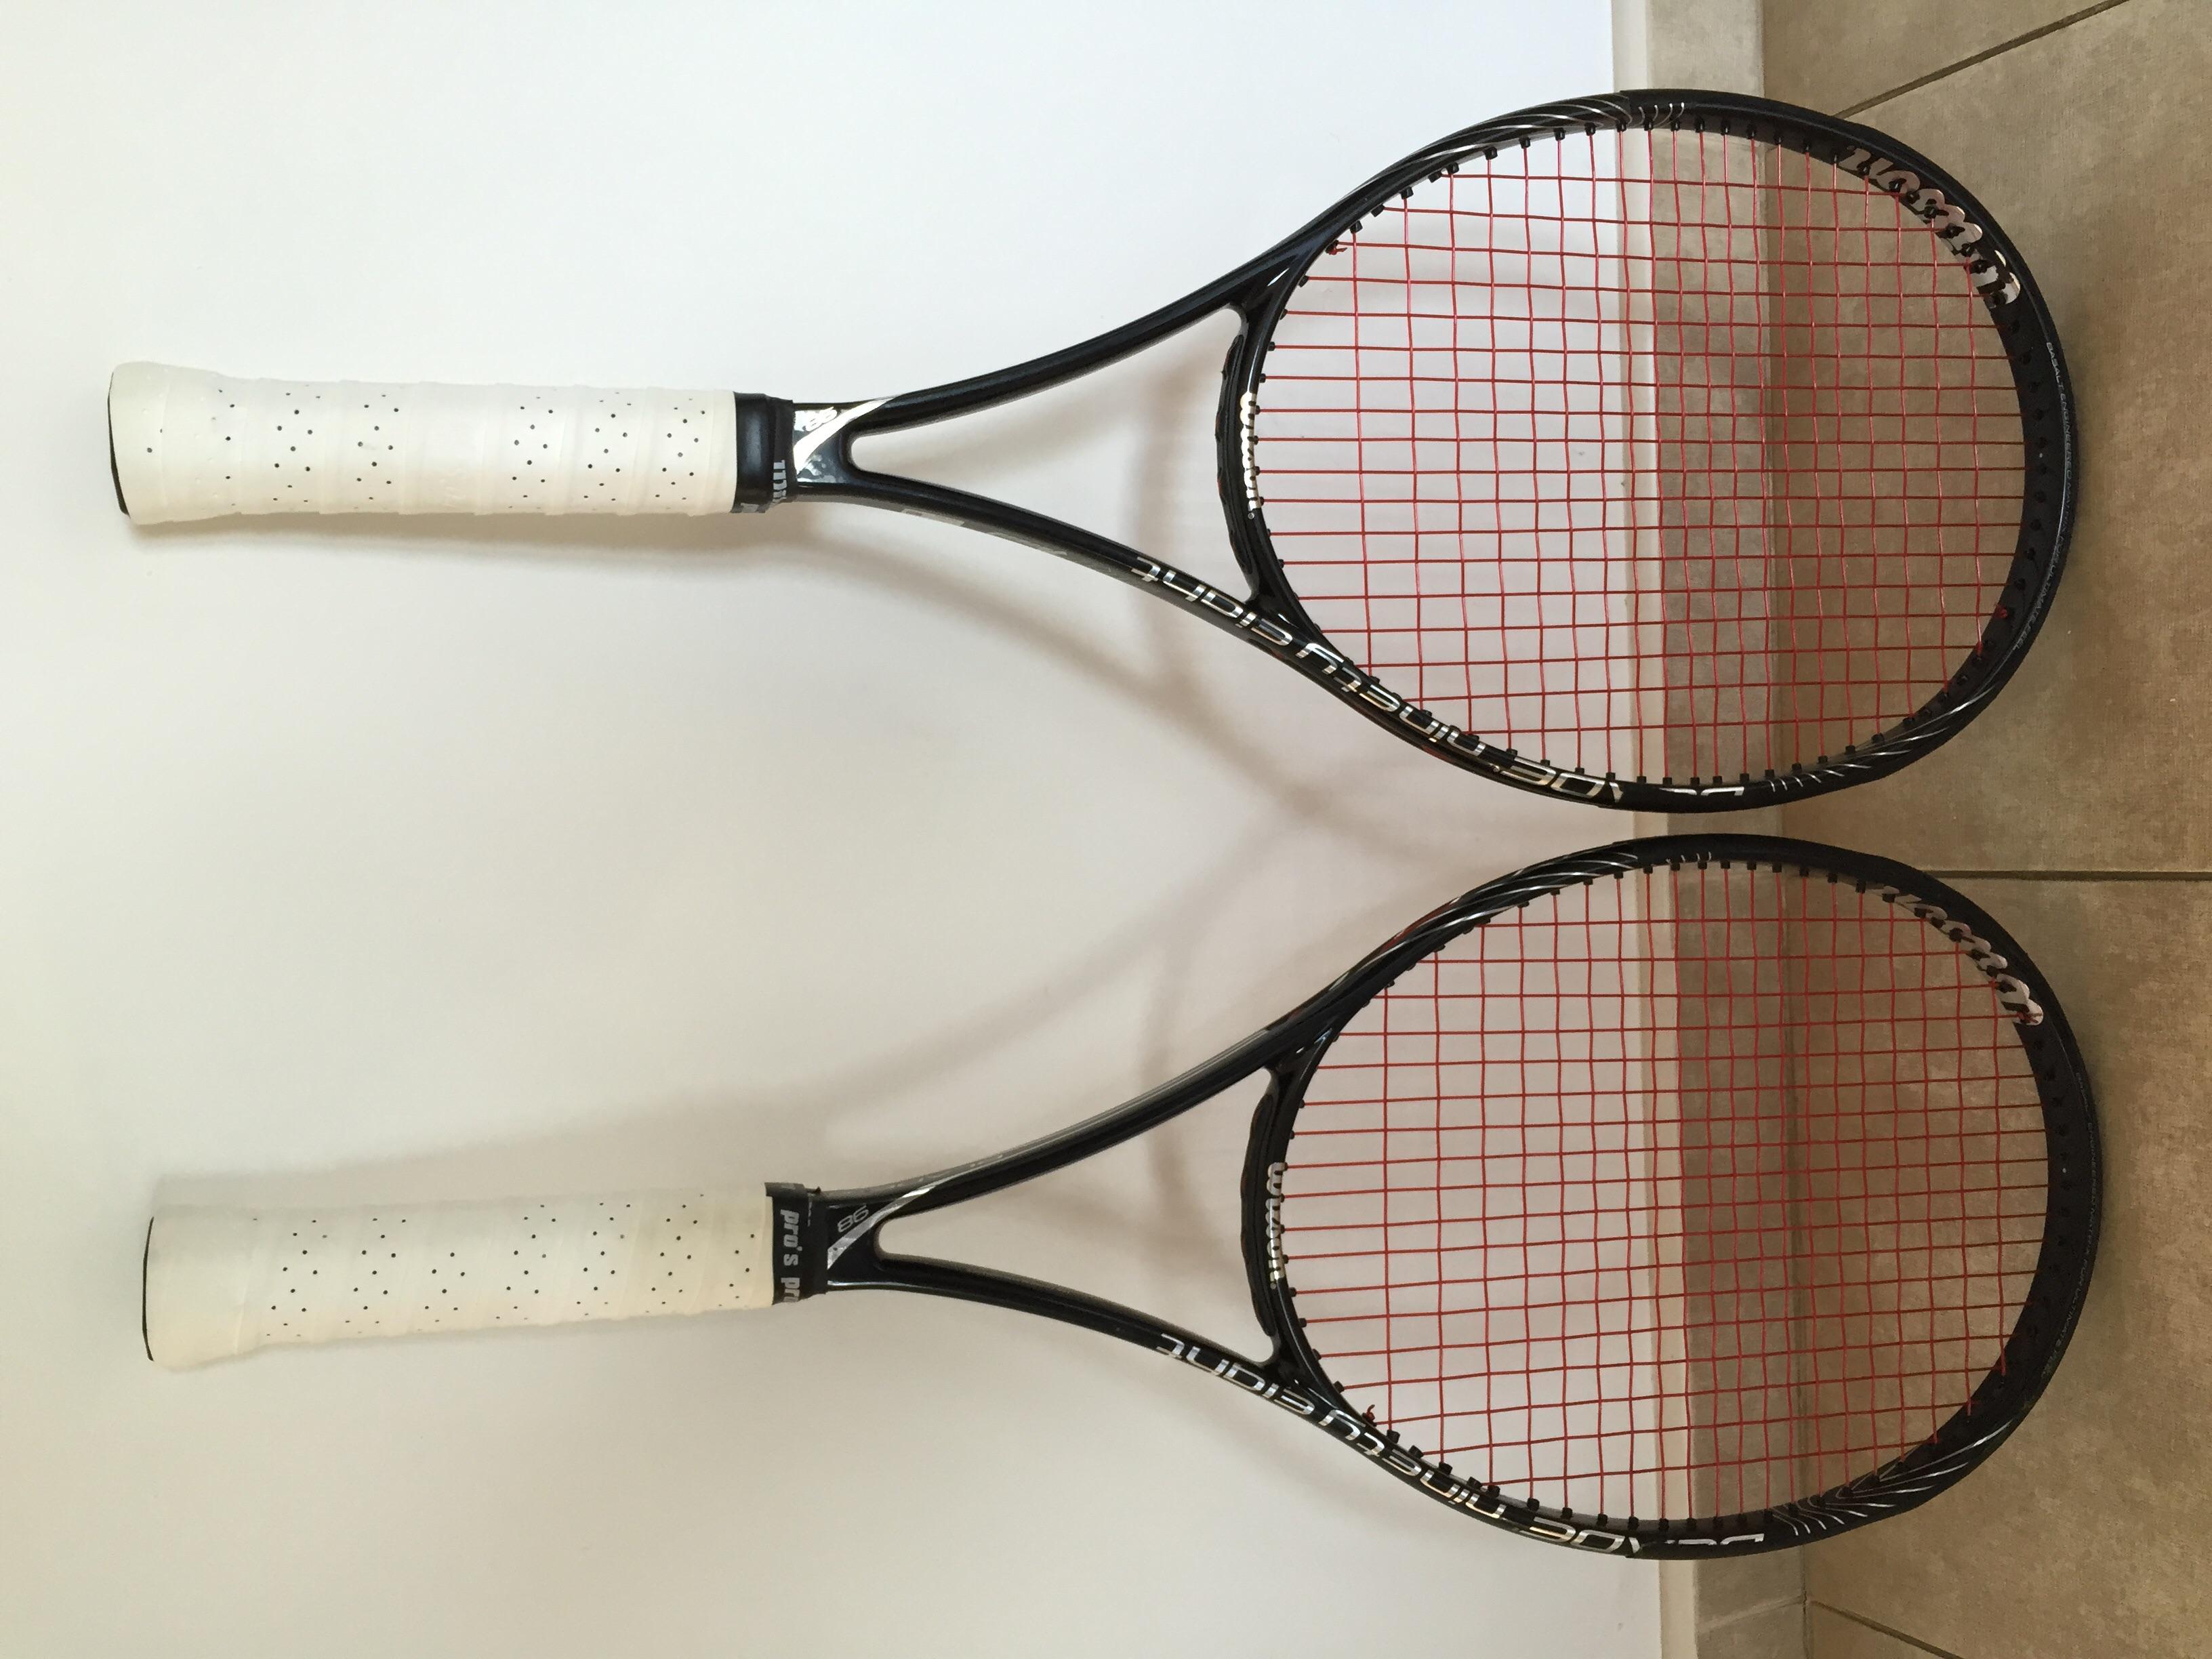 Wilson Blade 98 blx2 L3